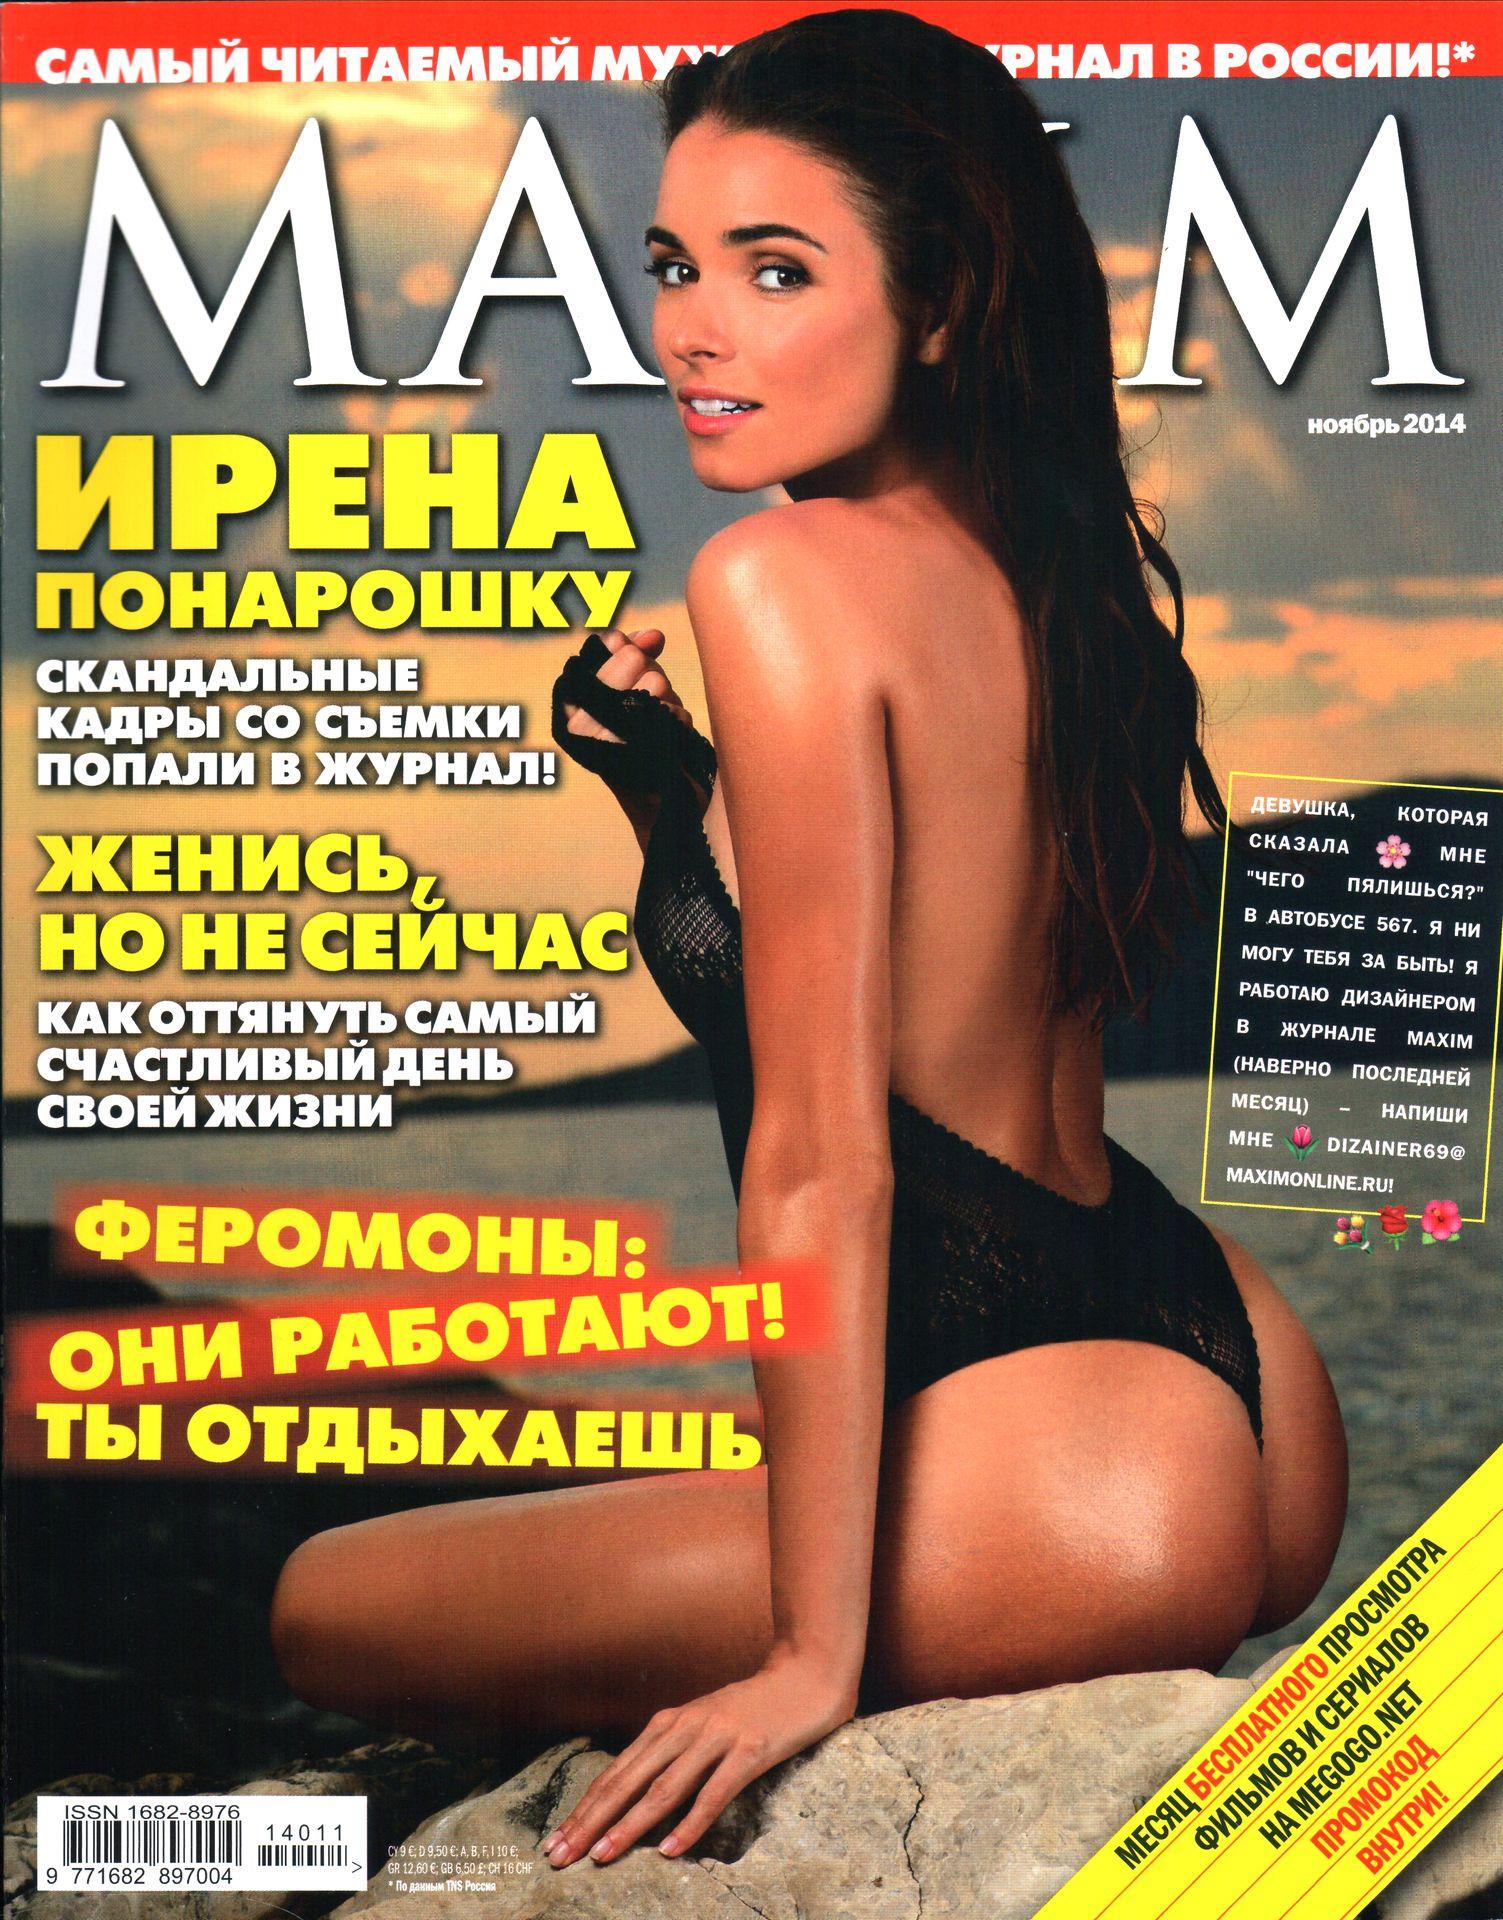 Список эротических журналов украины 10 фотография